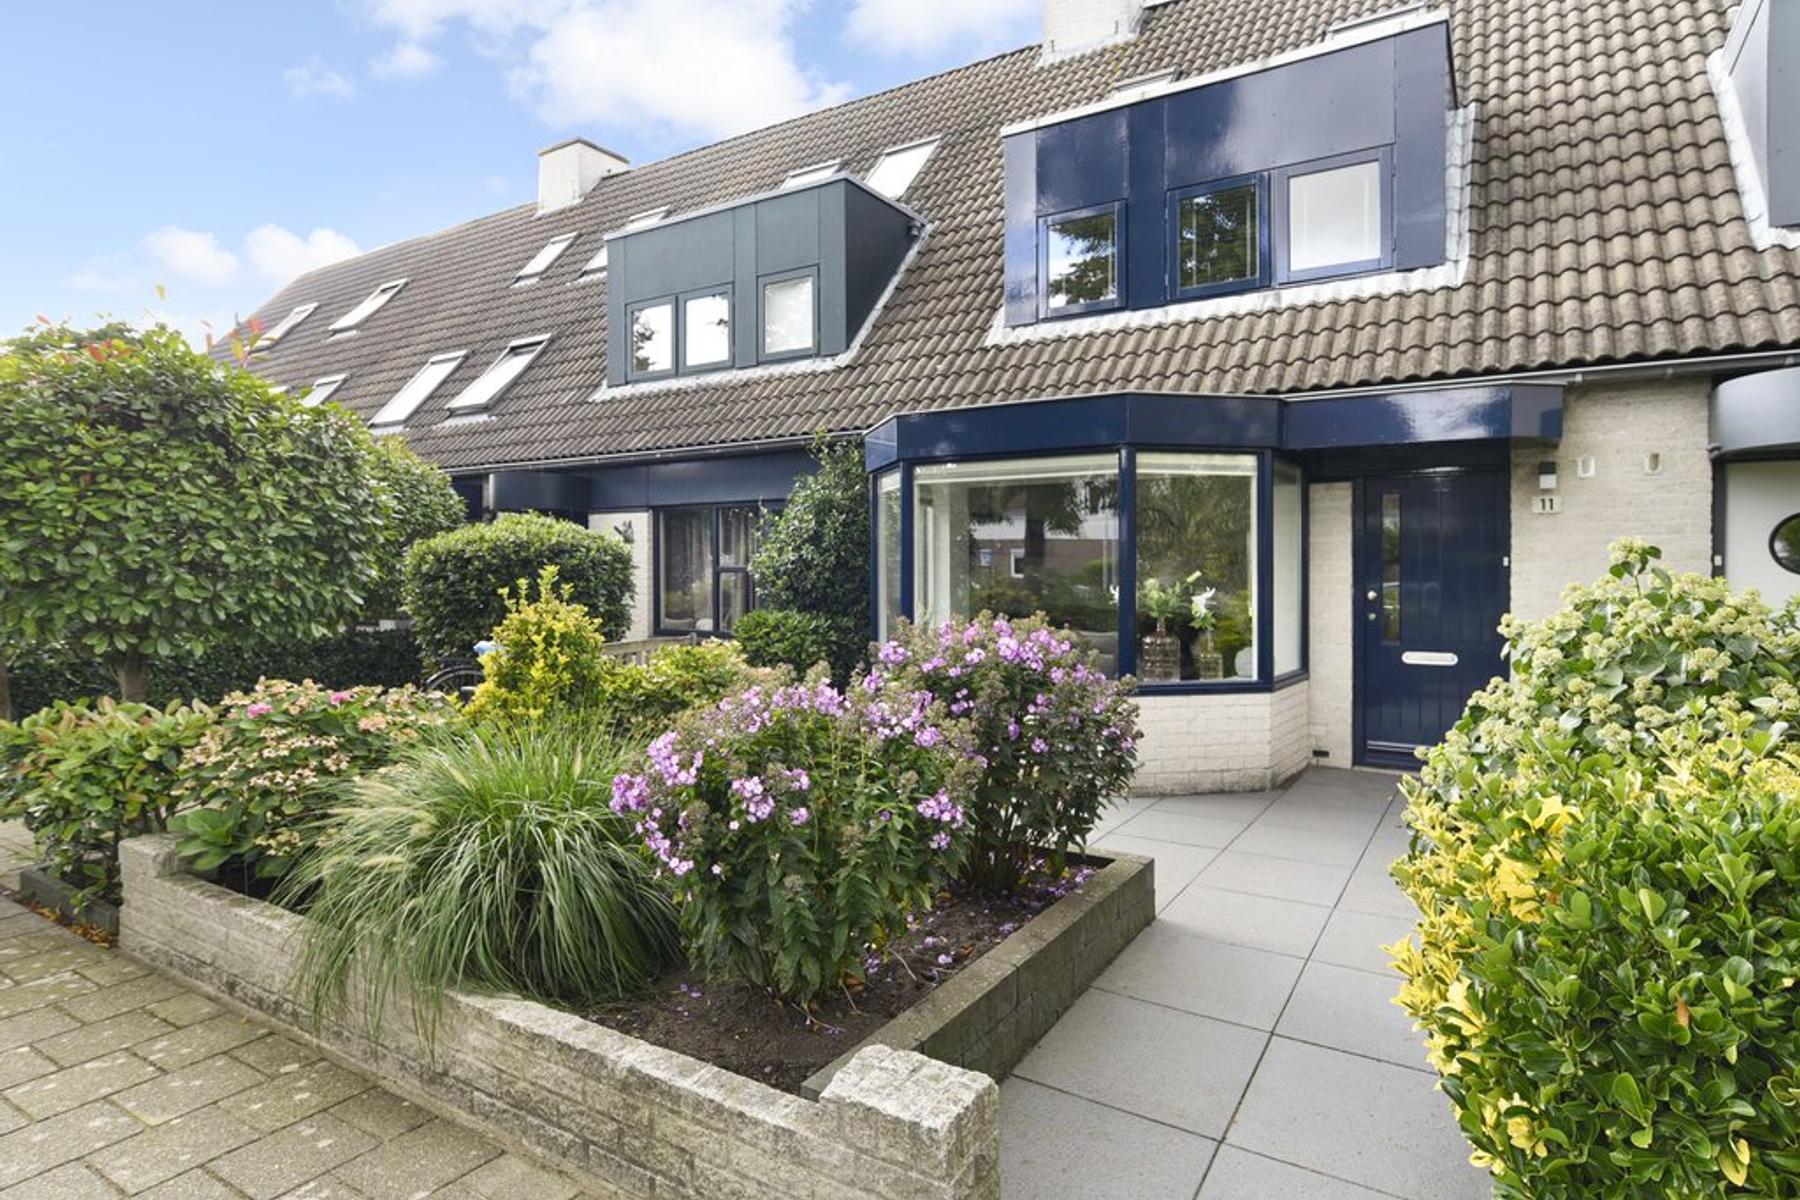 Klaterbos 11 in Hoofddorp 2134 JA